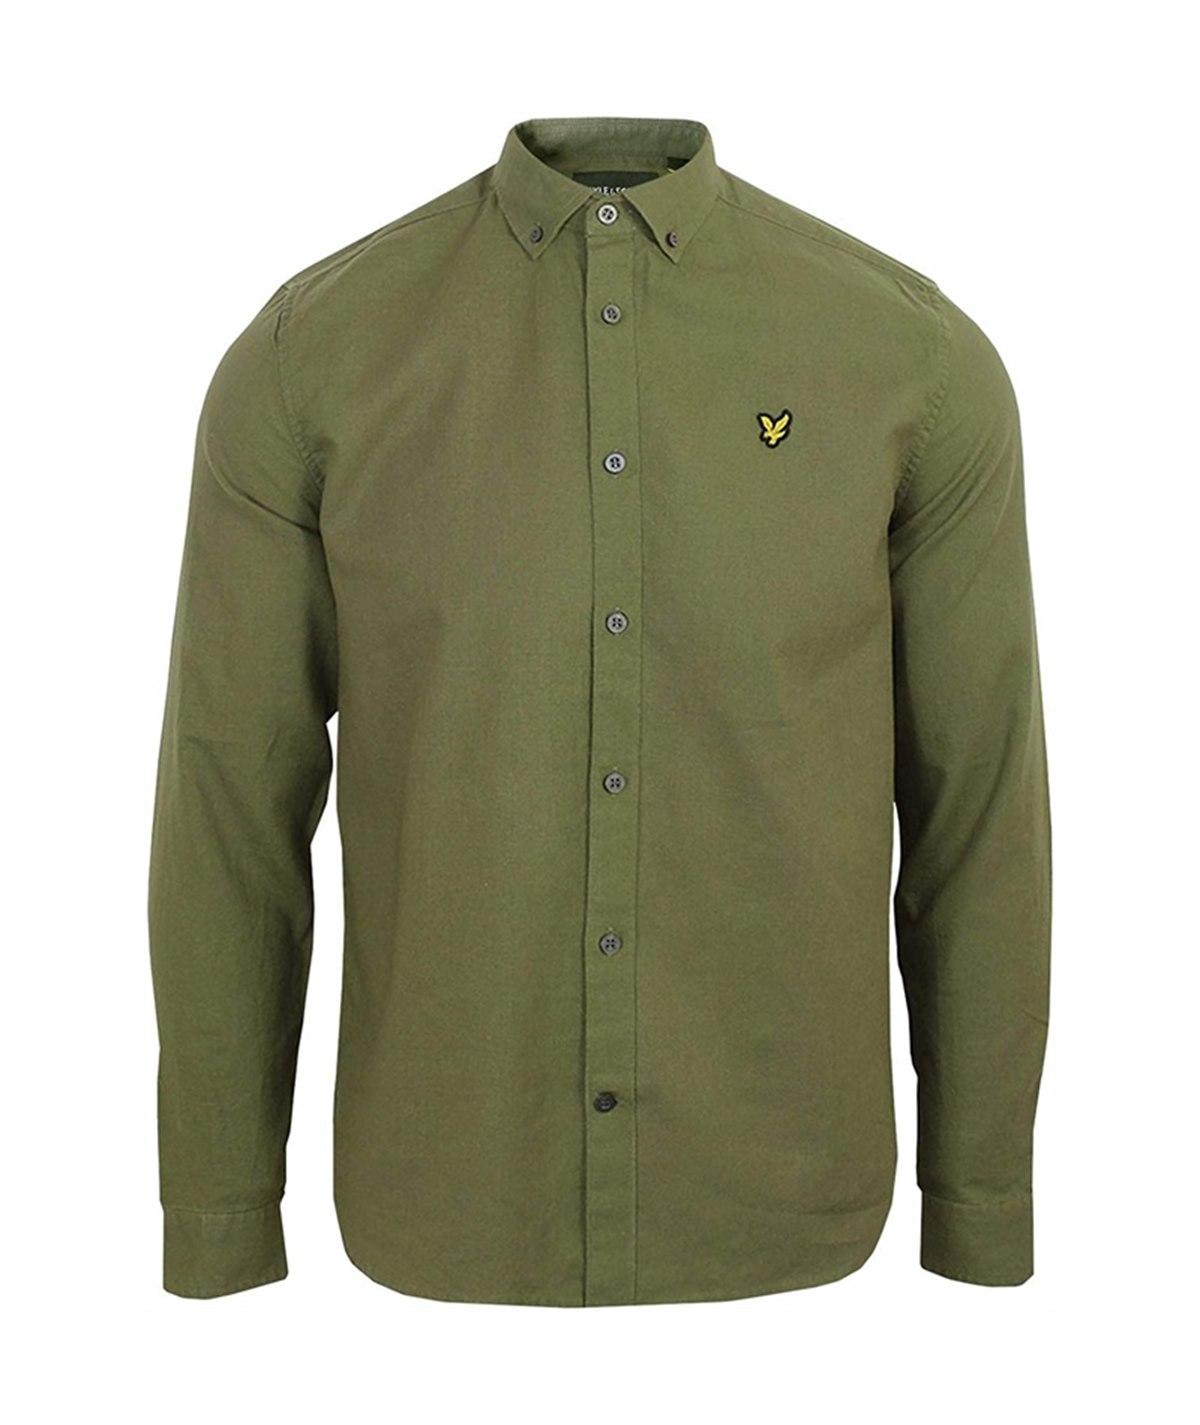 camicia lino verde lyle scott